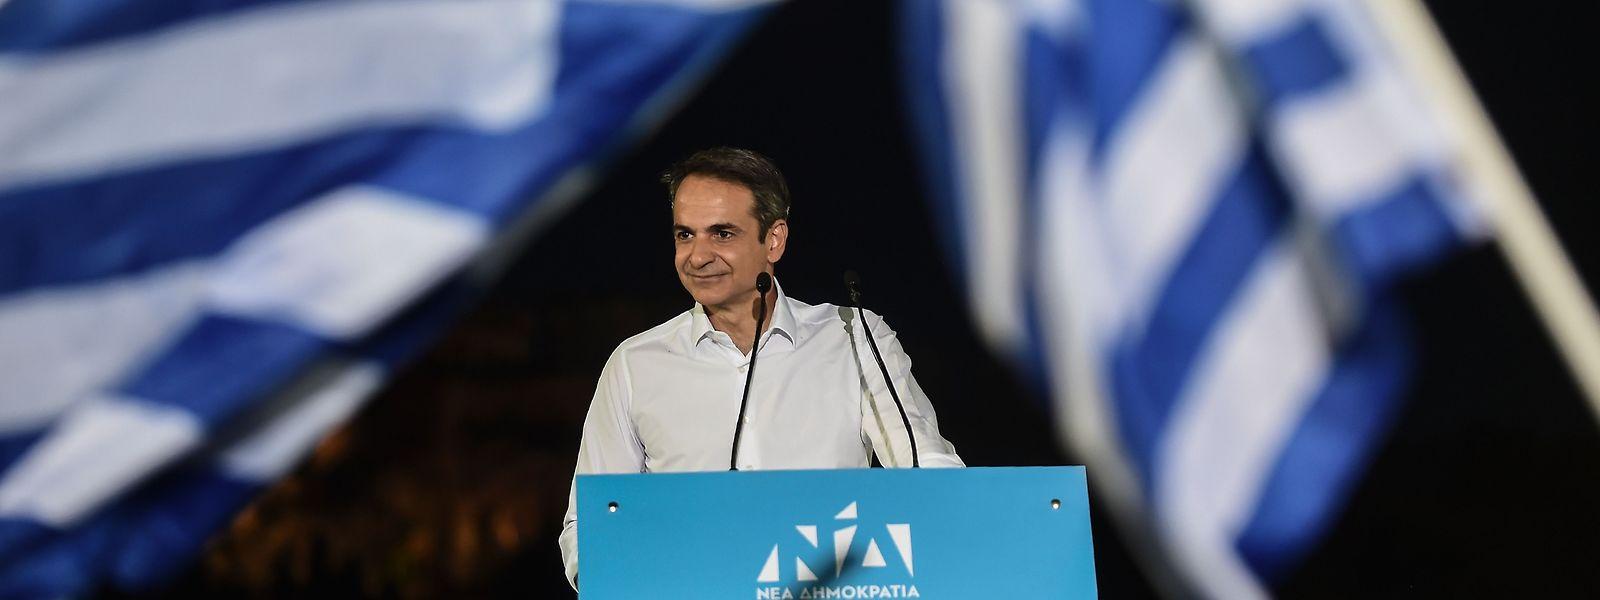 Der griechische Premier Kyriakos Mitsotakis ist beliebt beim Volk.